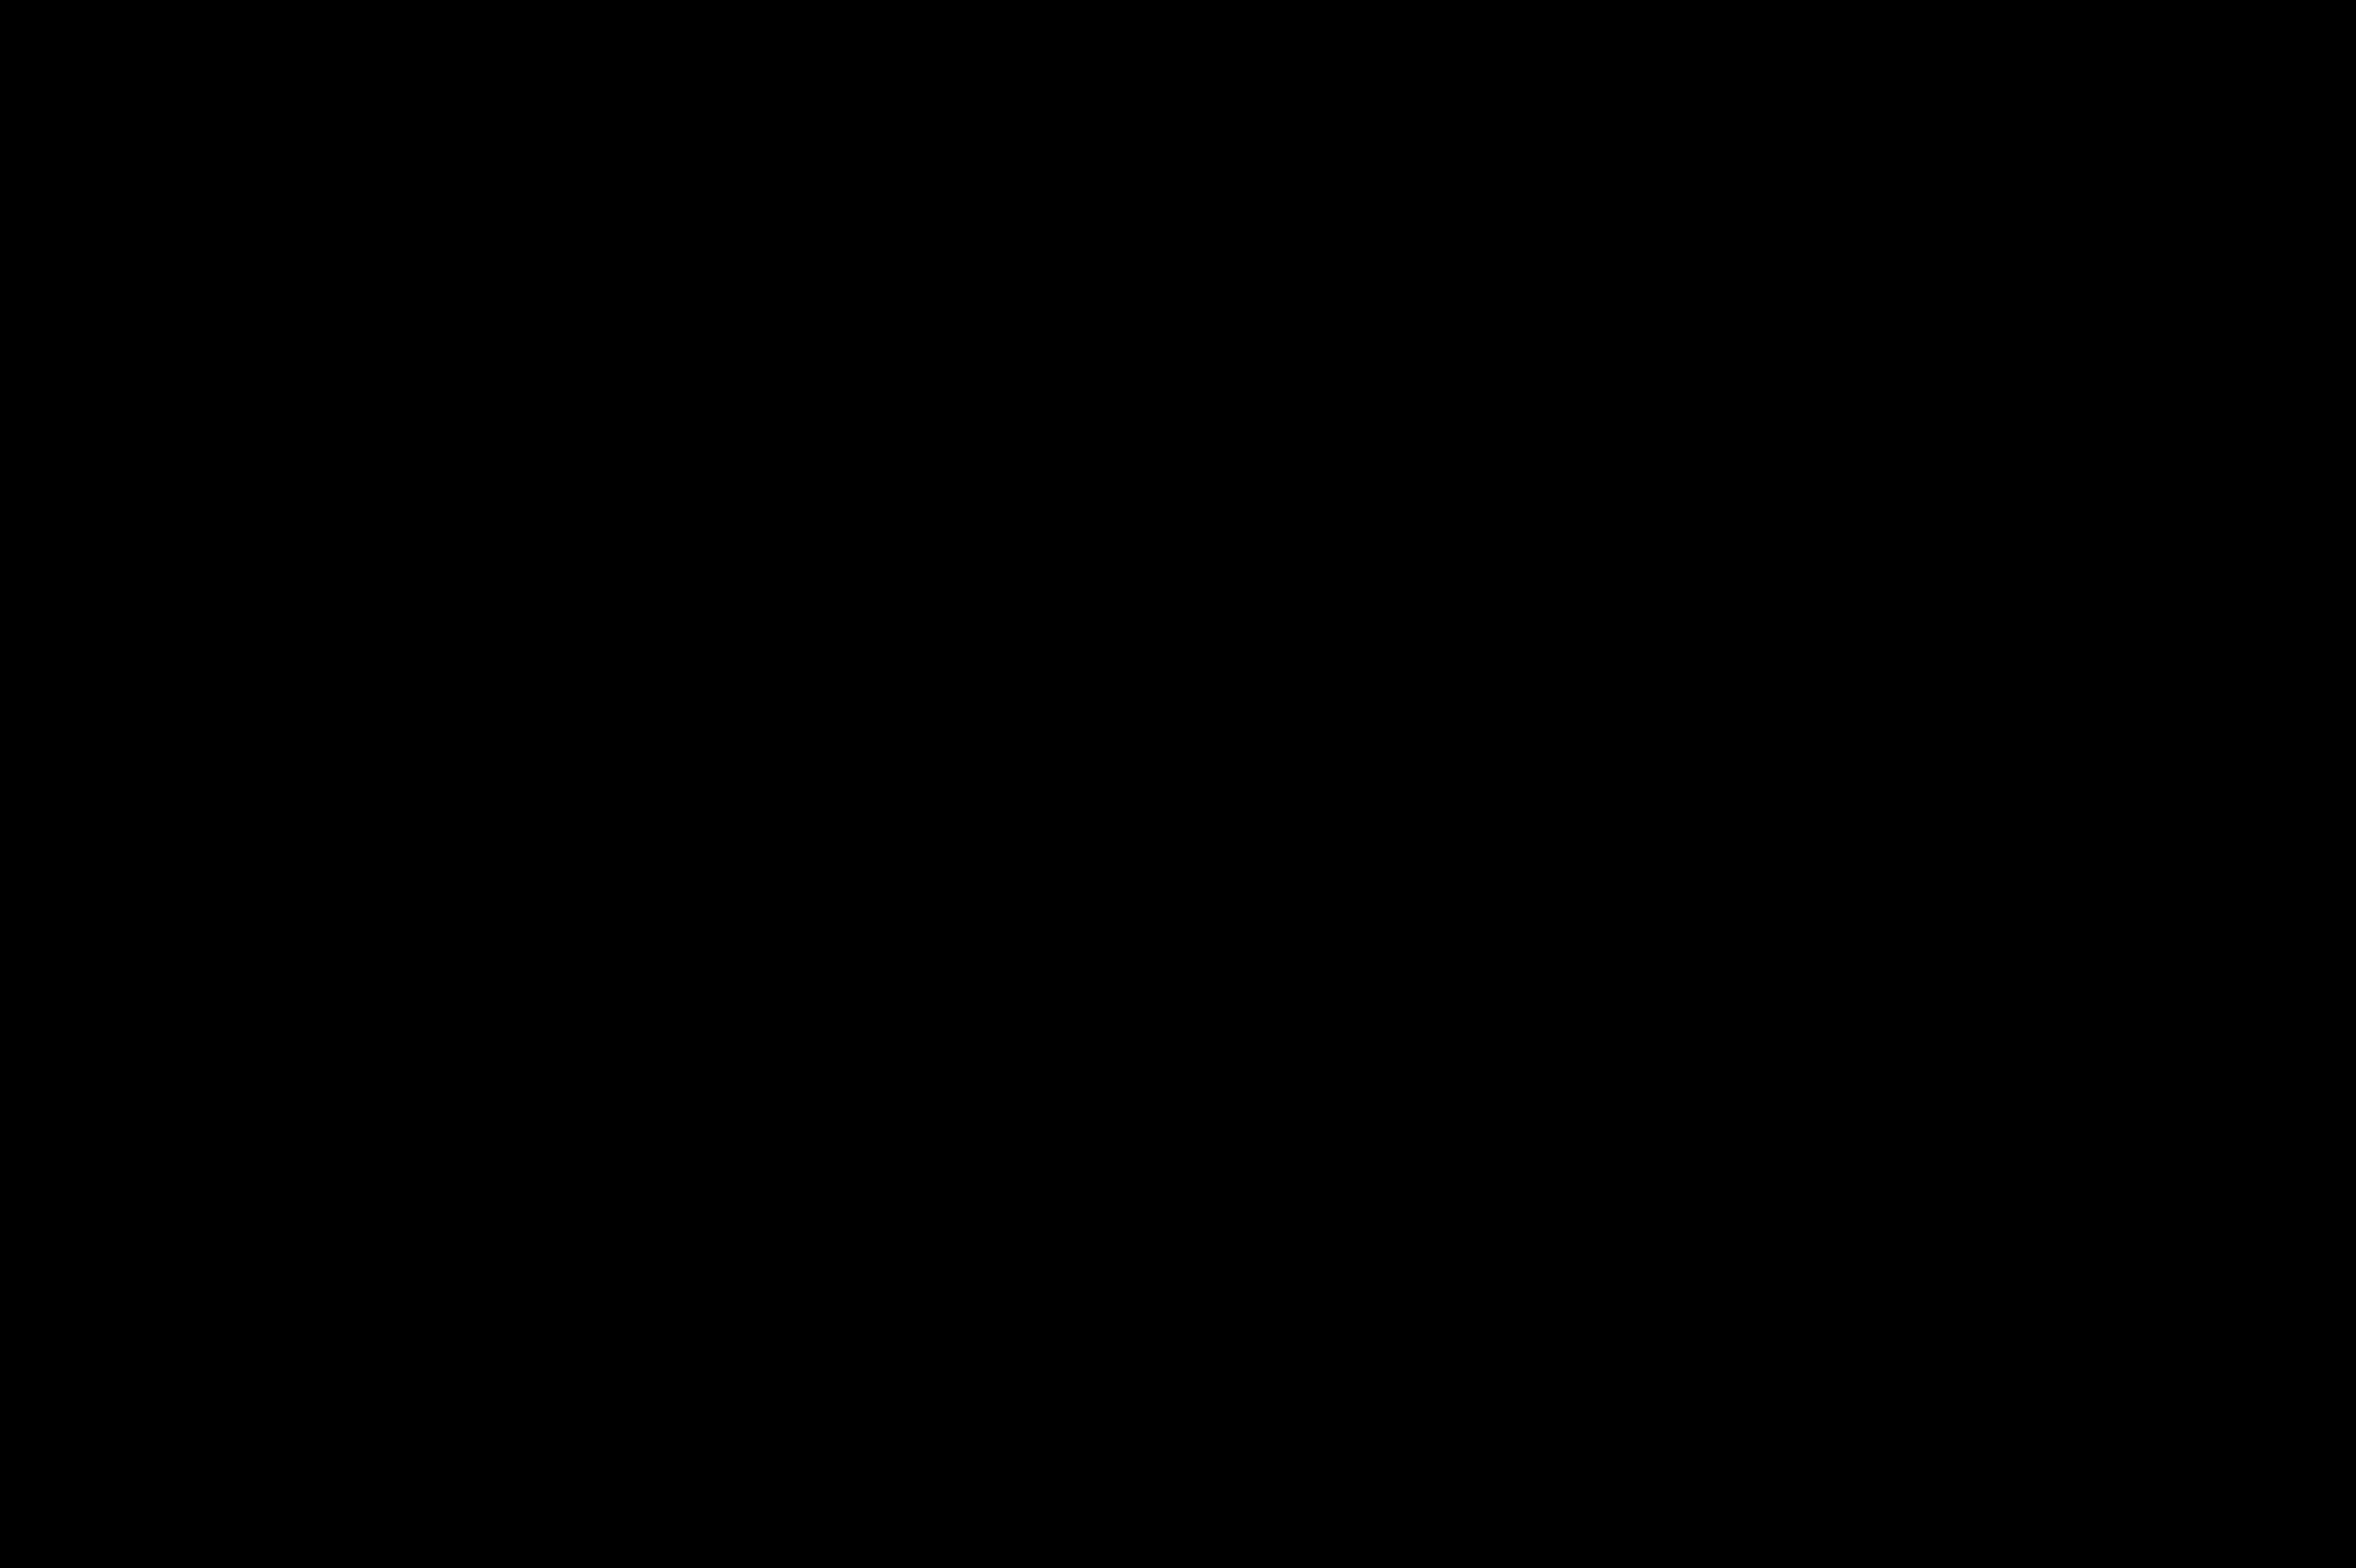 Selling is essentially a transference of feelings. - Zig Ziglar